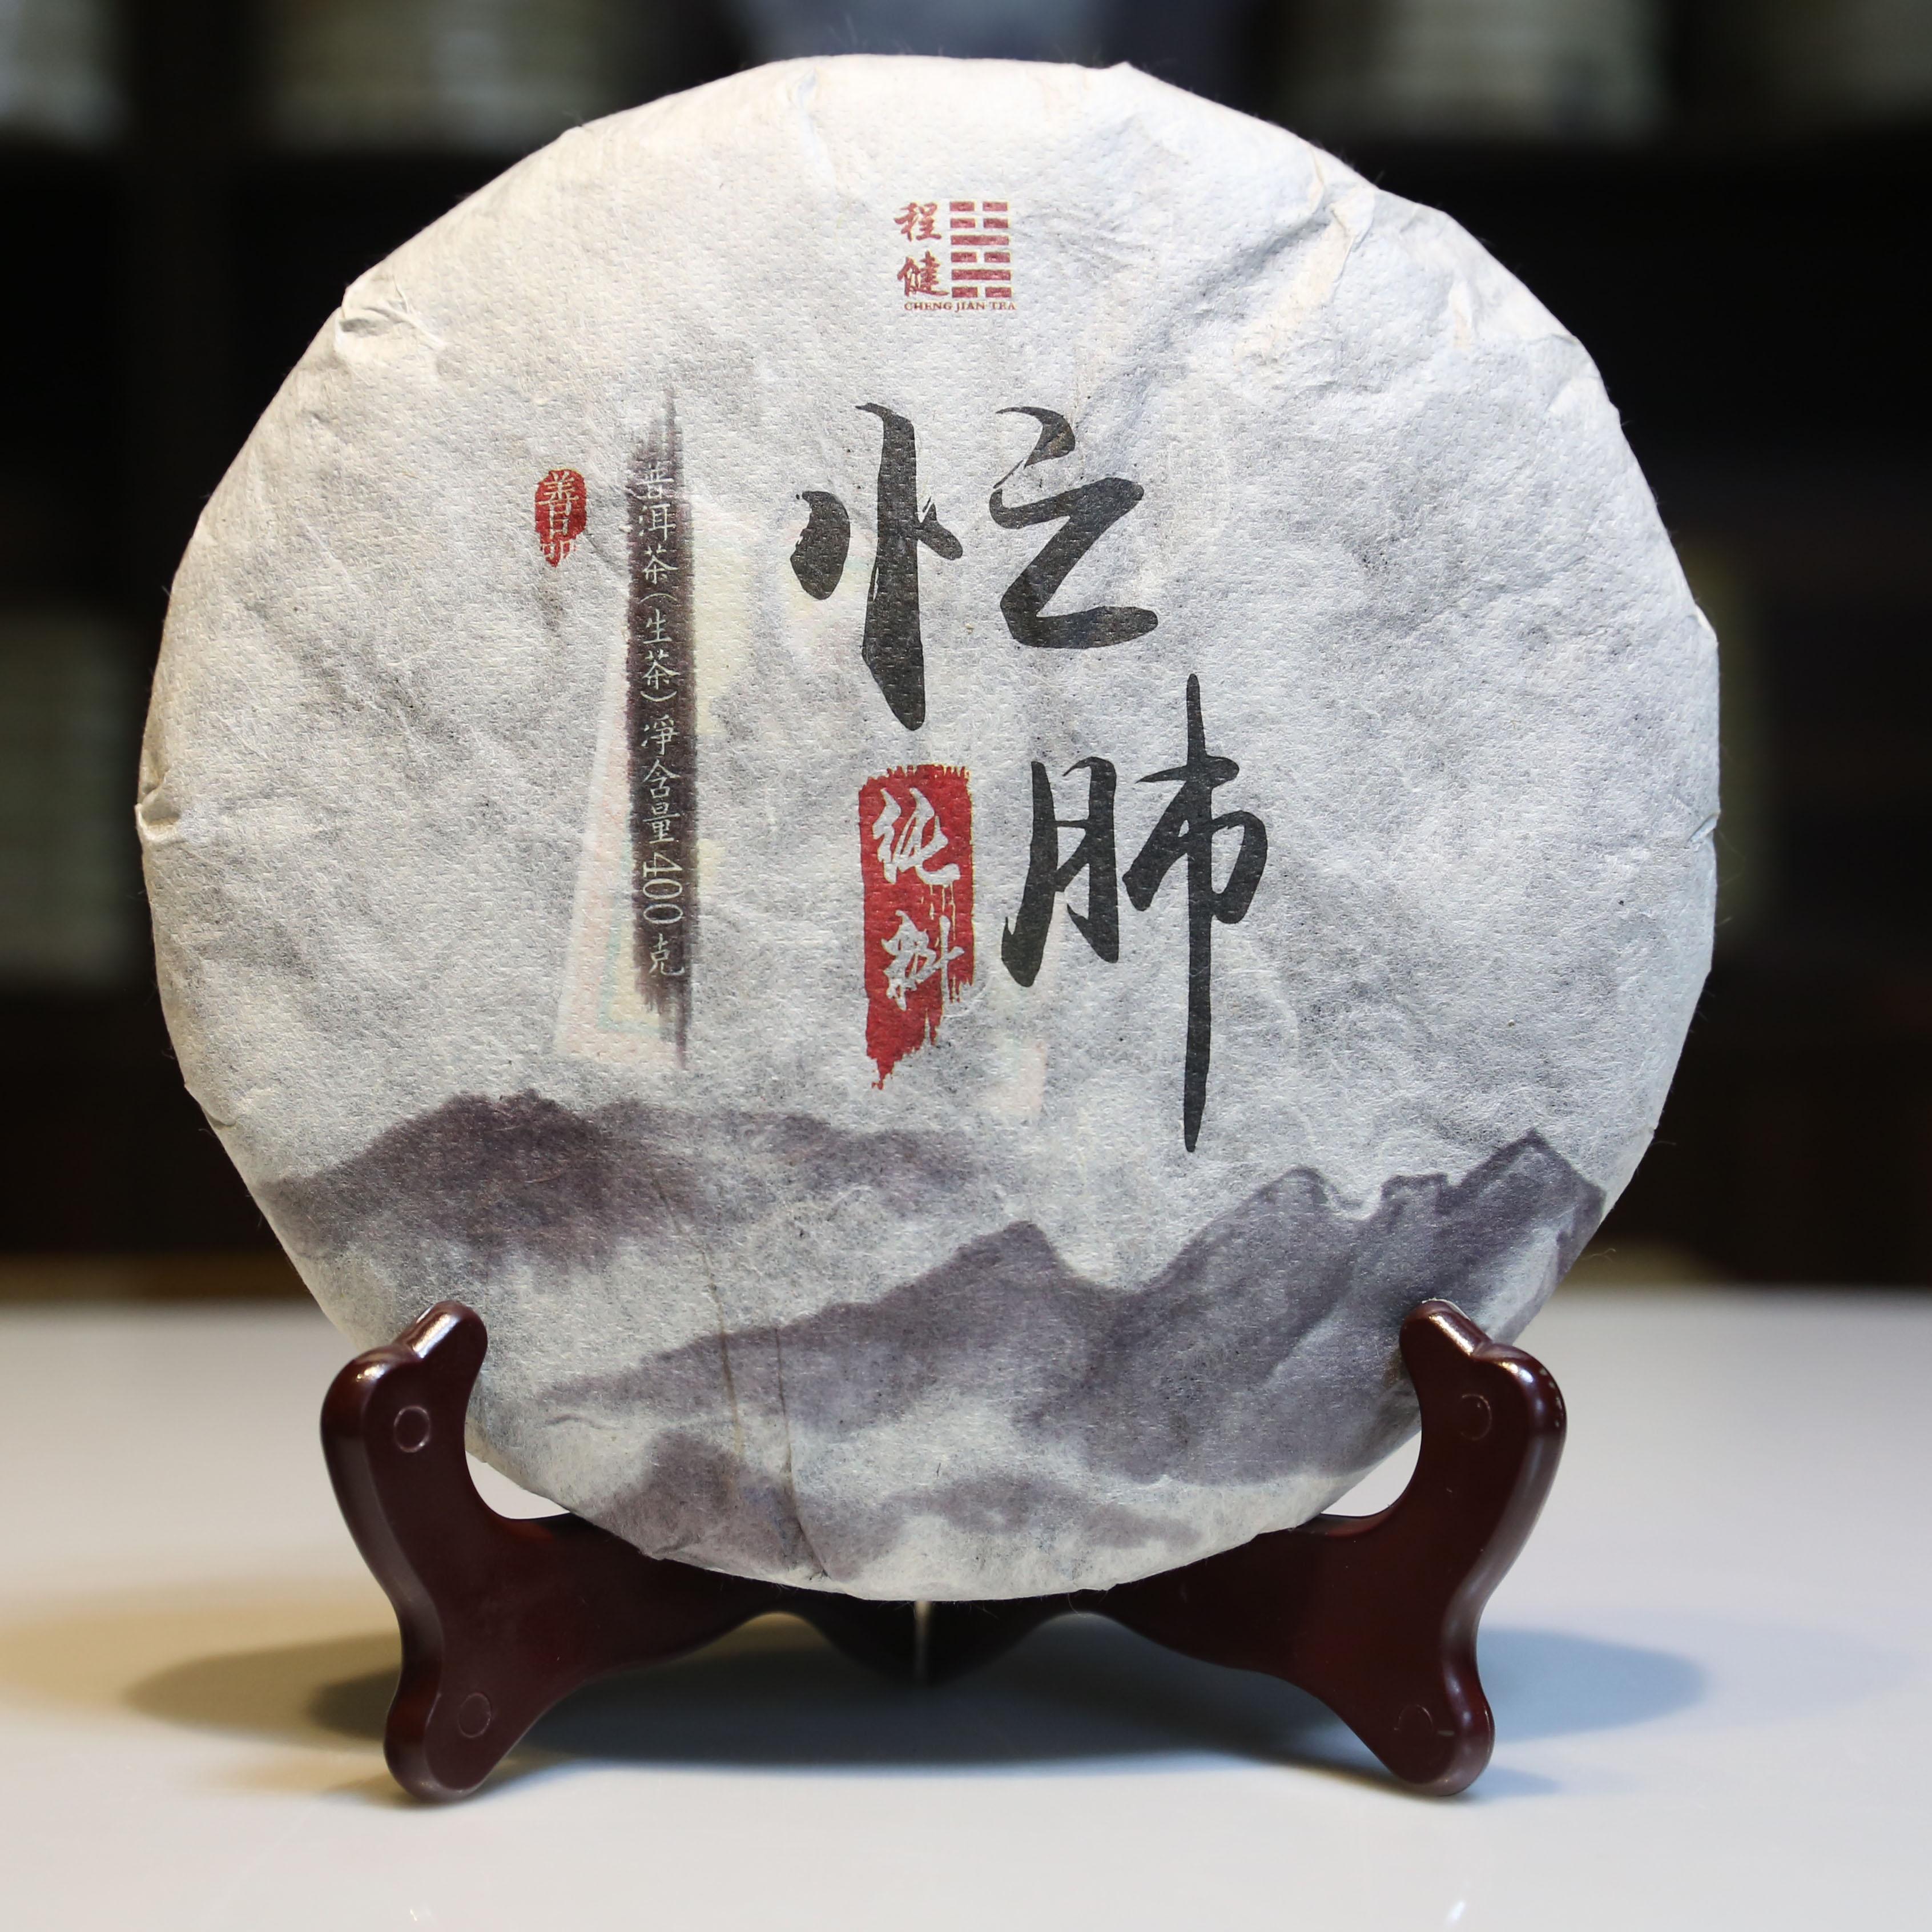 普洱茶饼 15年程健忙肺谷花茶纯料百年古树茶叶357克 云南七子饼